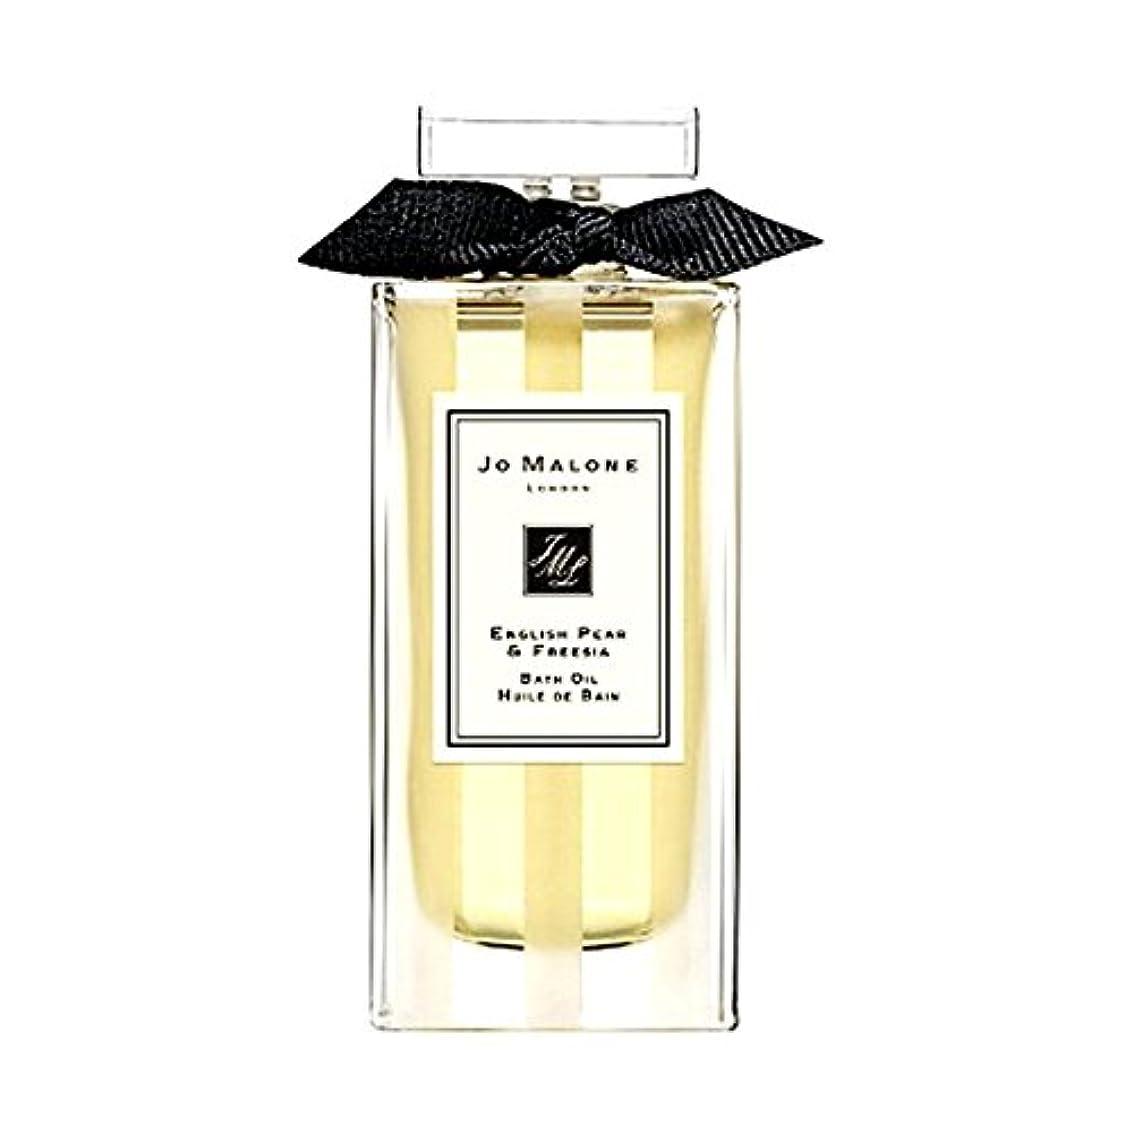 言語学グローブ世代Jo Maloneジョーマローン, バスオイル -英語梨&フリージア (30ml),' English Pear & Freesia' Bath Oil (1oz) [海外直送品] [並行輸入品]